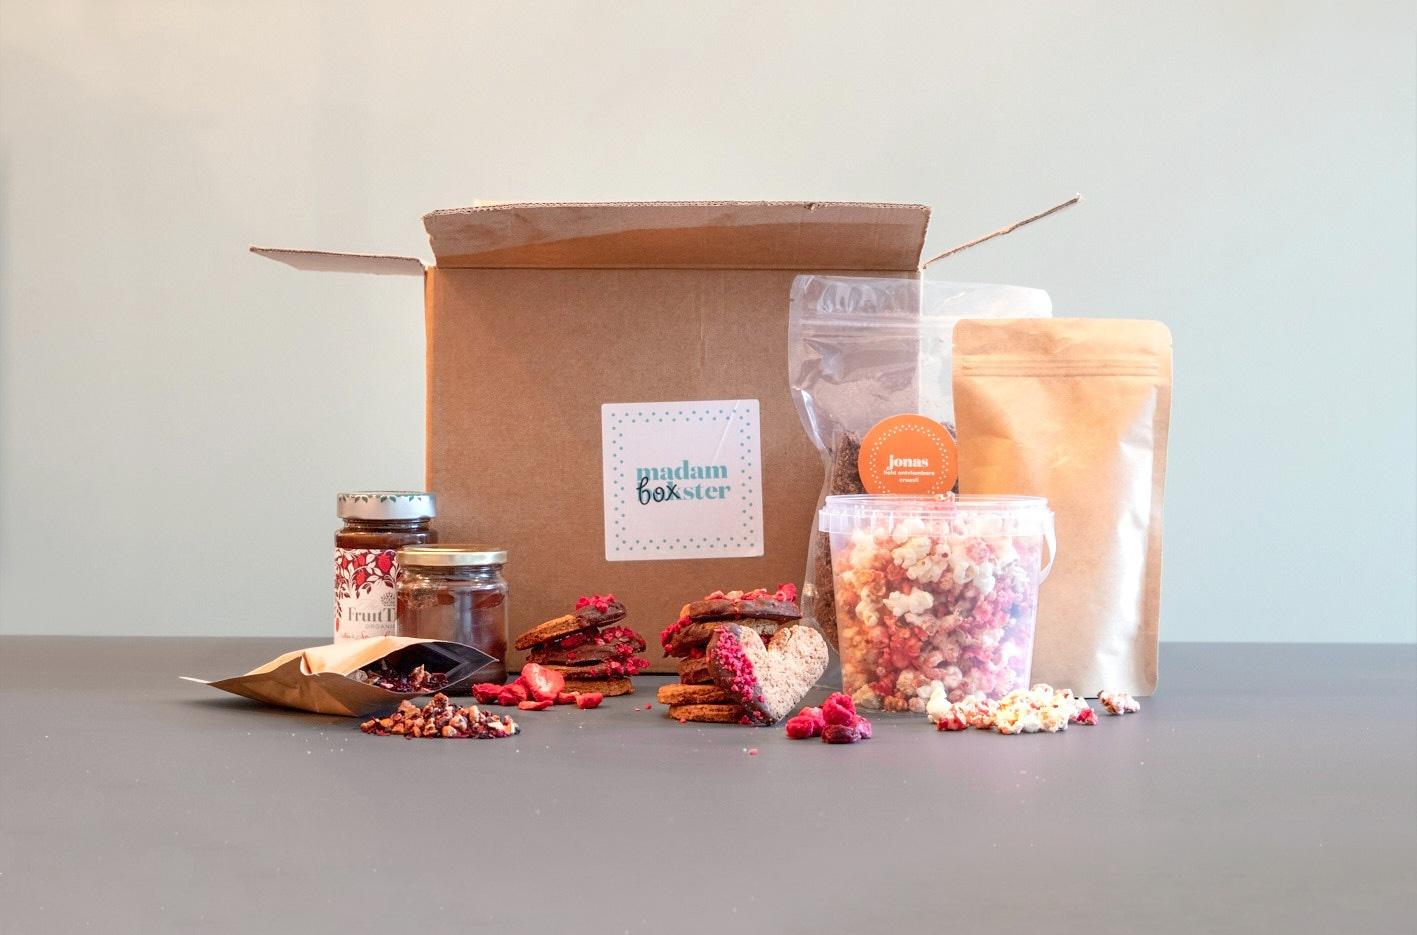 Box vol liefde - een box speciaal om de liefde te vieren